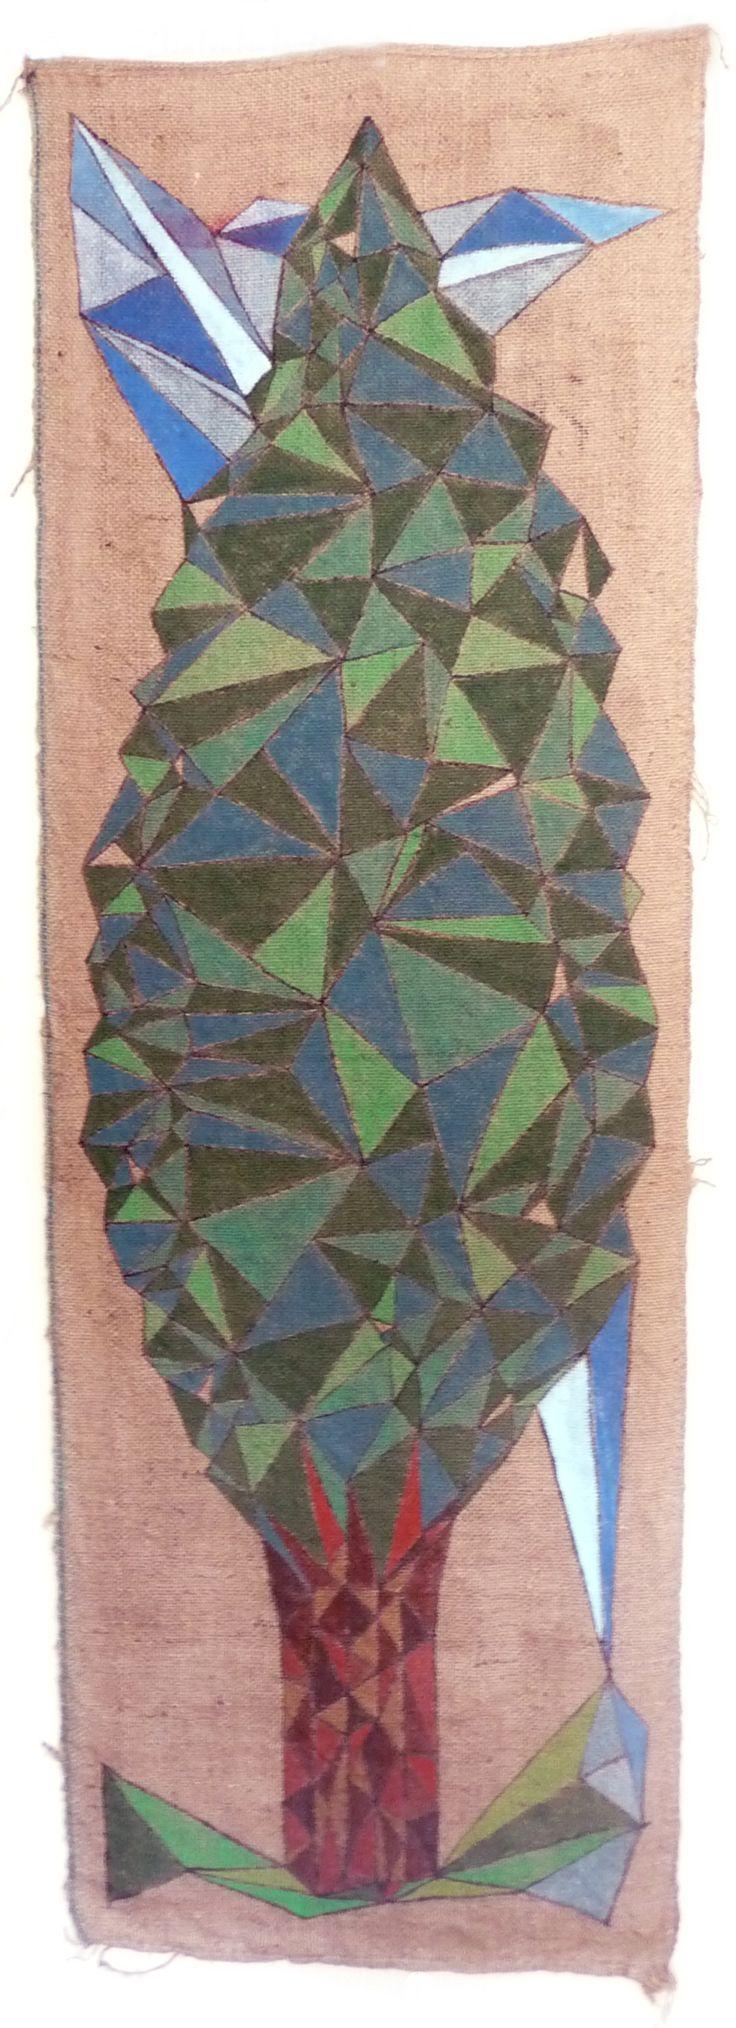 Allegoria (3) dell'umana condizione. Pittura. Arte. Acrilico su sacco di juta usato. cm 65 x 195